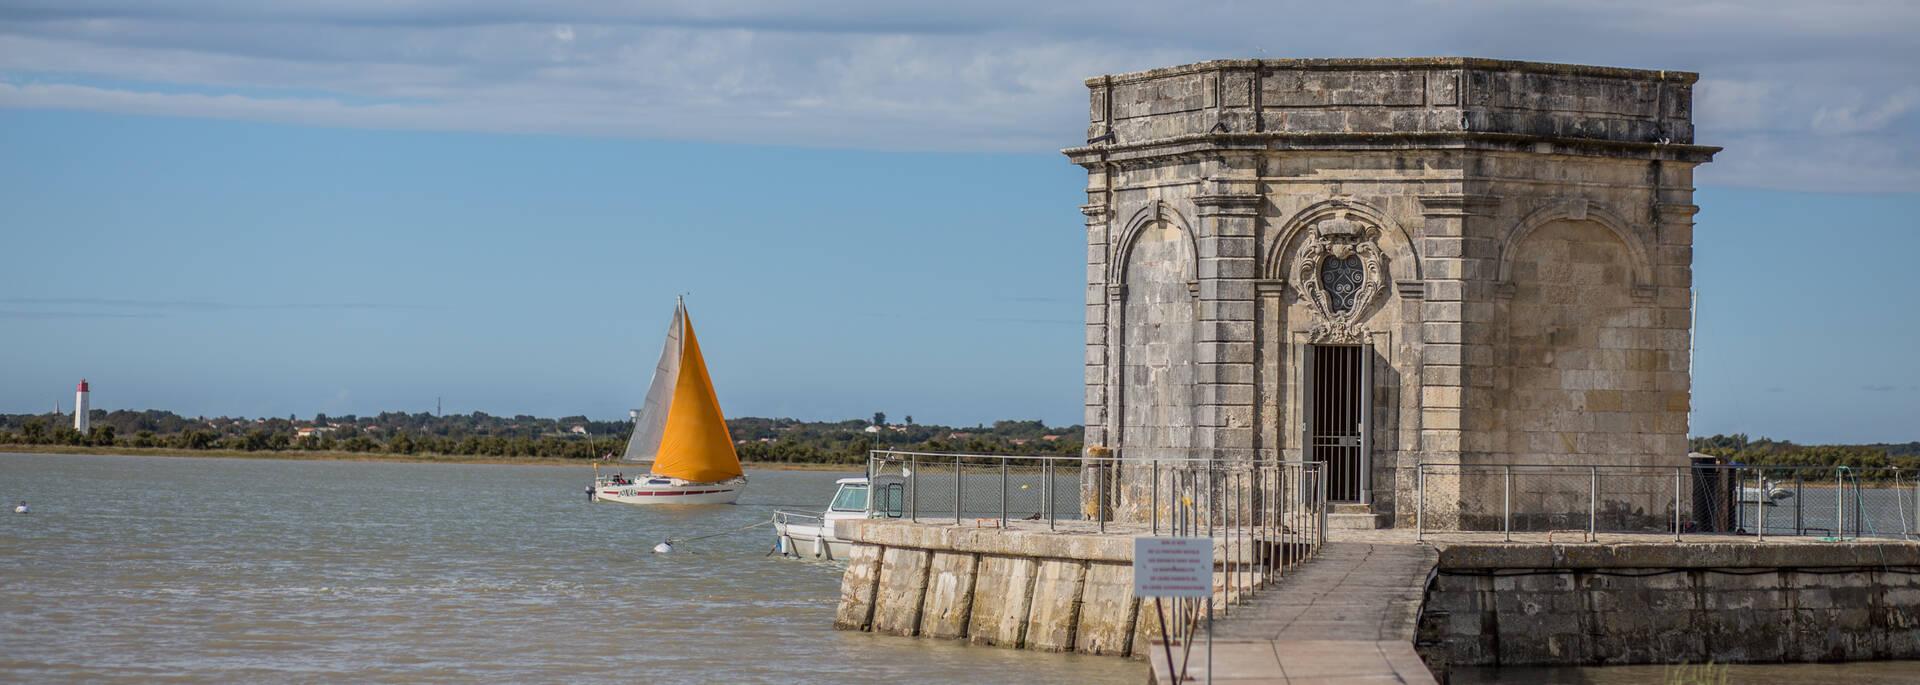 La fontaine Lupin à St Nazaire sur Charente - © Images & Émotion